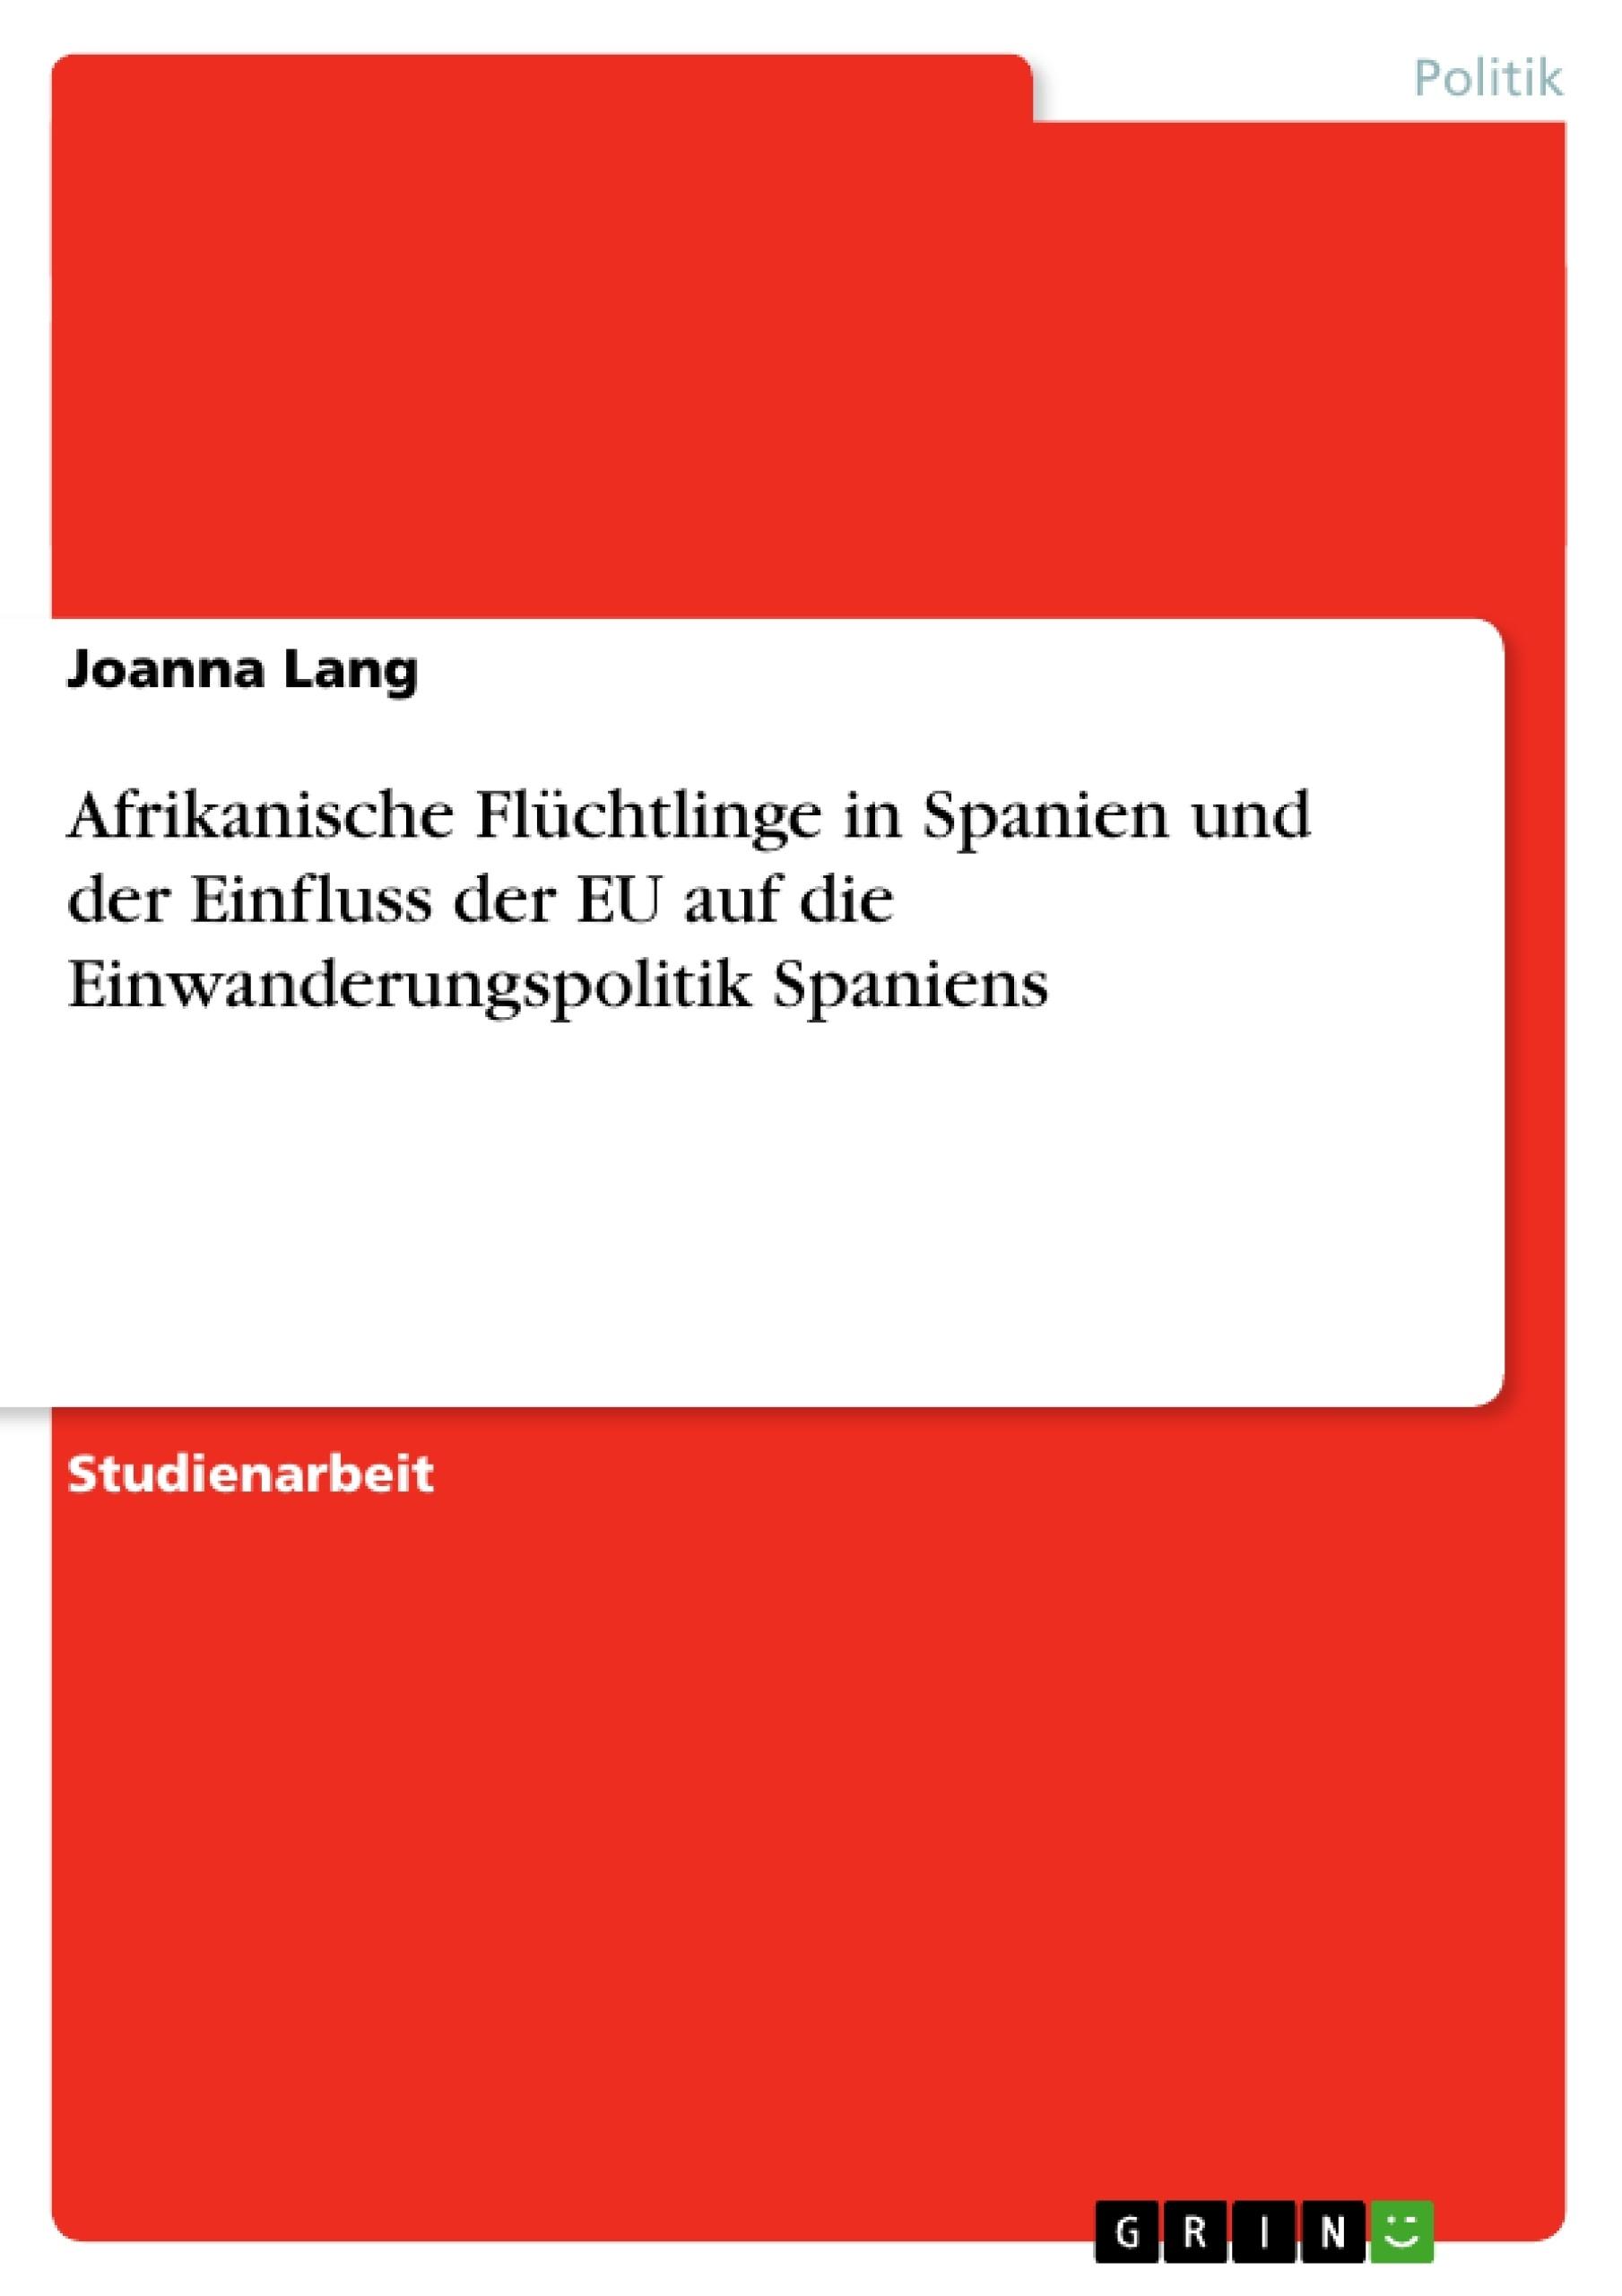 Titel: Afrikanische Flüchtlinge in Spanien und der Einfluss der EU auf die Einwanderungspolitik Spaniens